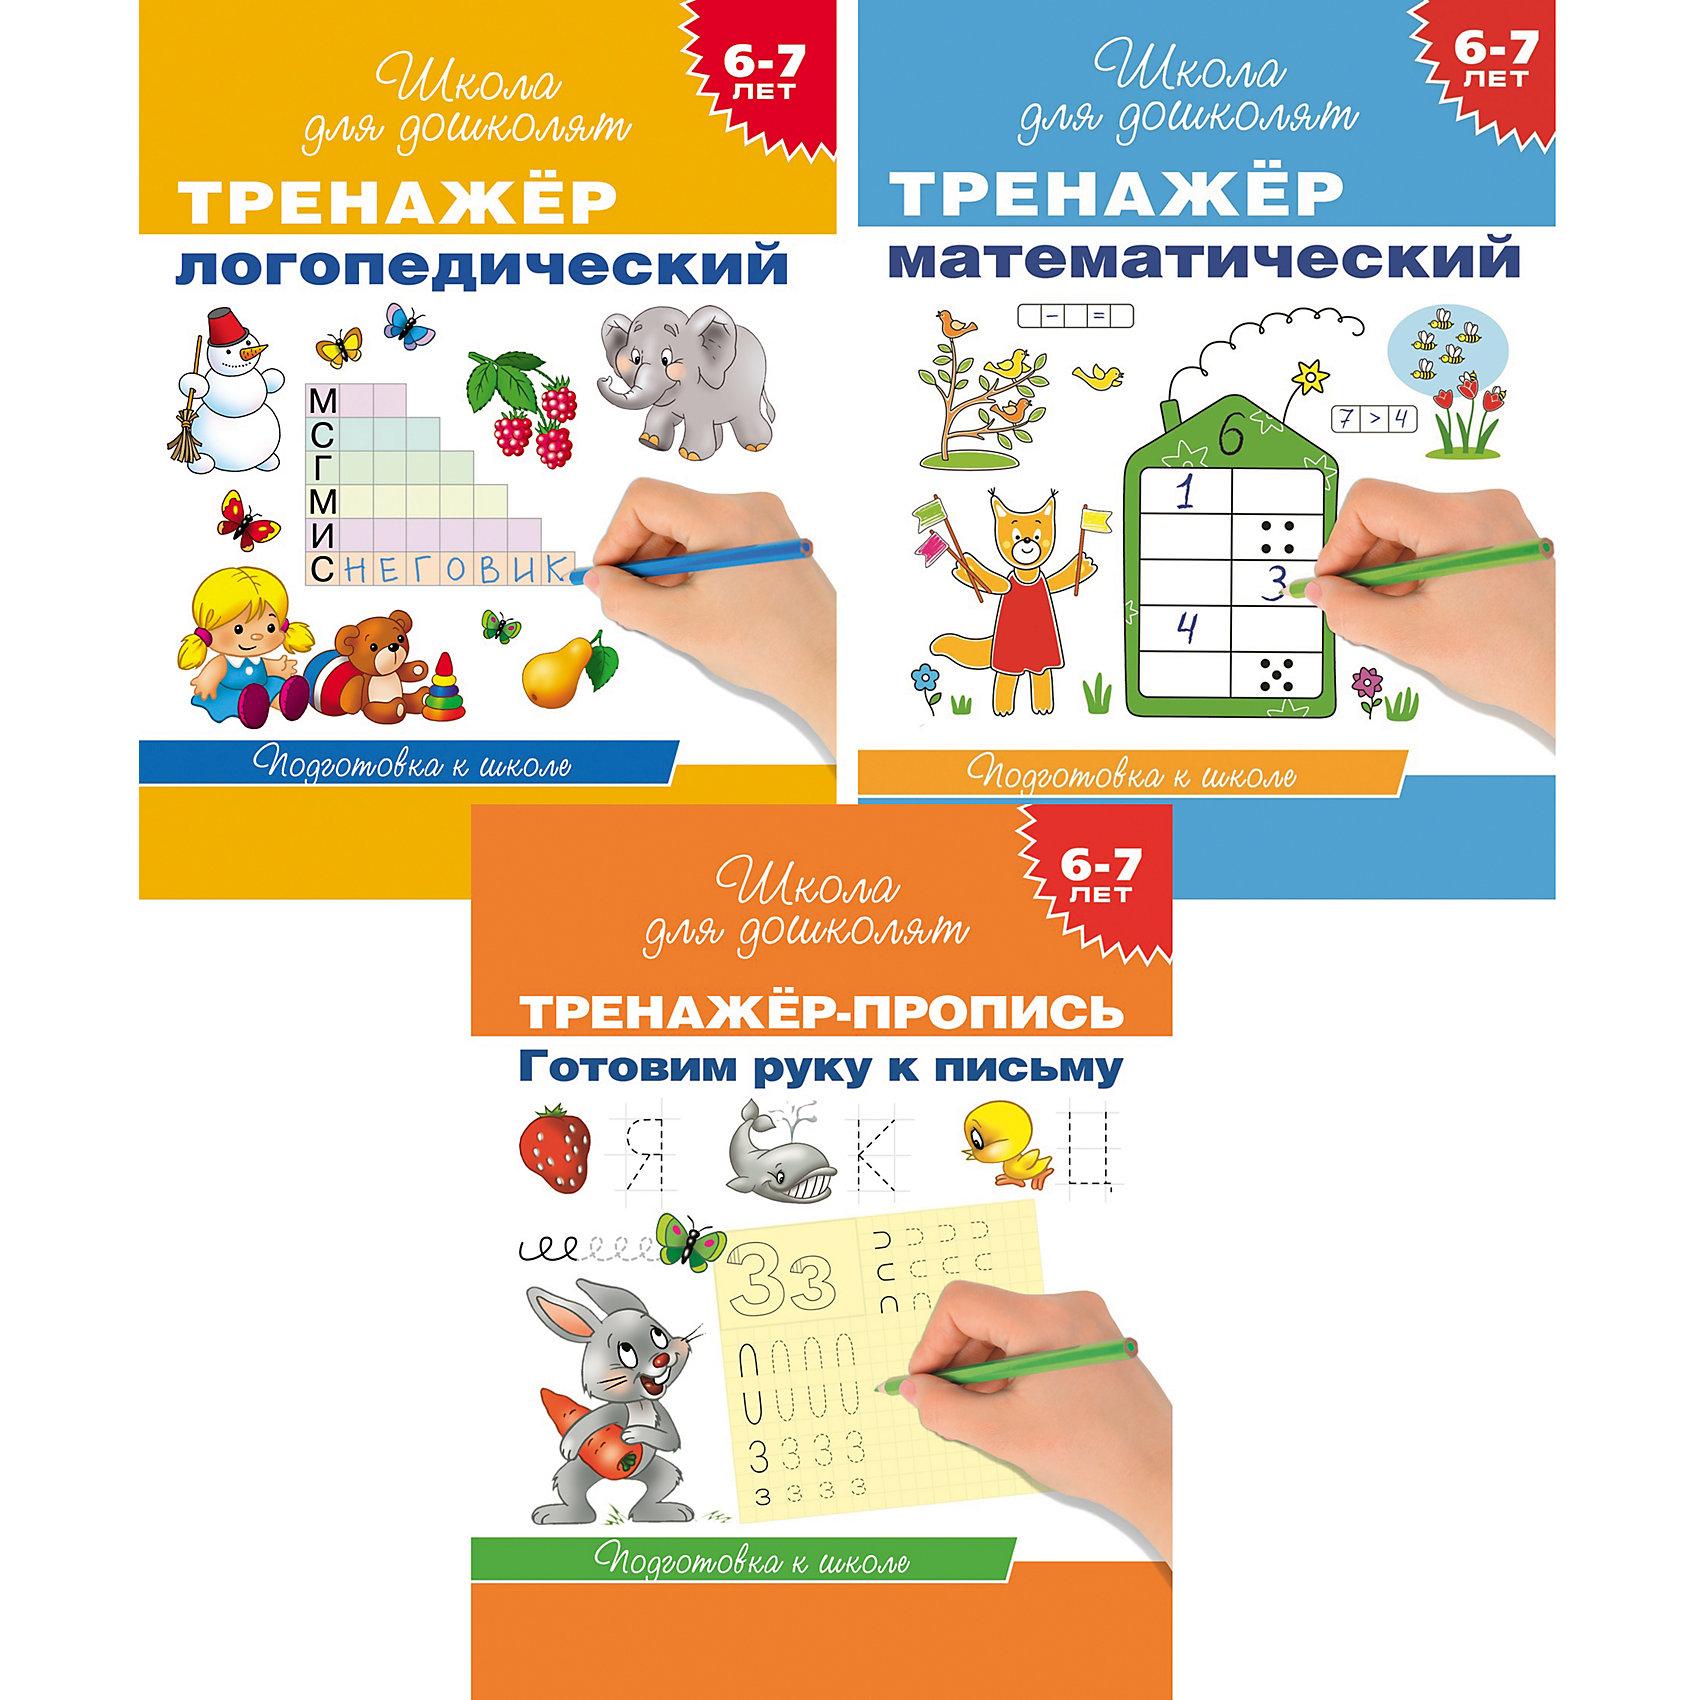 Комплект Школа для дошколят, ТренажерыРосмэн<br>Серия Школа для дошколят Тренажеры популярна в дошкольных общеобразовательных учреждениях, на курсах подготовки к школе и в начальных классах. Авторы книг - квалифицированные педагоги и детские психологи. Книги можно использовать как на групповых занятиях в детских садах и в начальной школе, так и для индивидуальной работы с детьми. В комплект Тренажеры входит: 1) Тренажер-пропись, в котором представлены графические упражнения по ориентировке руки на листе бумаги, дорисовке, обводке, штриховке, раскрашиванию, обучению написанию печатных букв. 2) Тренажер логопедический, направленный на формирование правильной дикции, который поможет закрепить и автоматизировать в речи поставленные звуки. 3) Тренажер математический, с помощью которого ребенок познакомится с цифрами, числами и геометрическими фигурами, освоит прямой и обратный счет в пределах 20, познакомится со счетом до 100 десятками, научится складывать, вычитать, решать несложные примеры и задачи.<br><br> Дополнительная информация:<br><br>- жанры: развитие общих способностей<br>- цвет: голубой, светло-коричневый, темно-бежевый<br>- состав: бумага<br>- габариты предметов:  19.5 *25.5 см<br>- комплектация: книга<br>- страна бренда: Россия<br>- страна производитель: Россия<br><br>Комплект Школа для дошколят Тренажеры можно купить в нашем интернет-магазине<br><br>Ширина мм: 200<br>Глубина мм: 80<br>Высота мм: 300<br>Вес г: 500<br>Возраст от месяцев: 60<br>Возраст до месяцев: 84<br>Пол: Унисекс<br>Возраст: Детский<br>SKU: 4993491